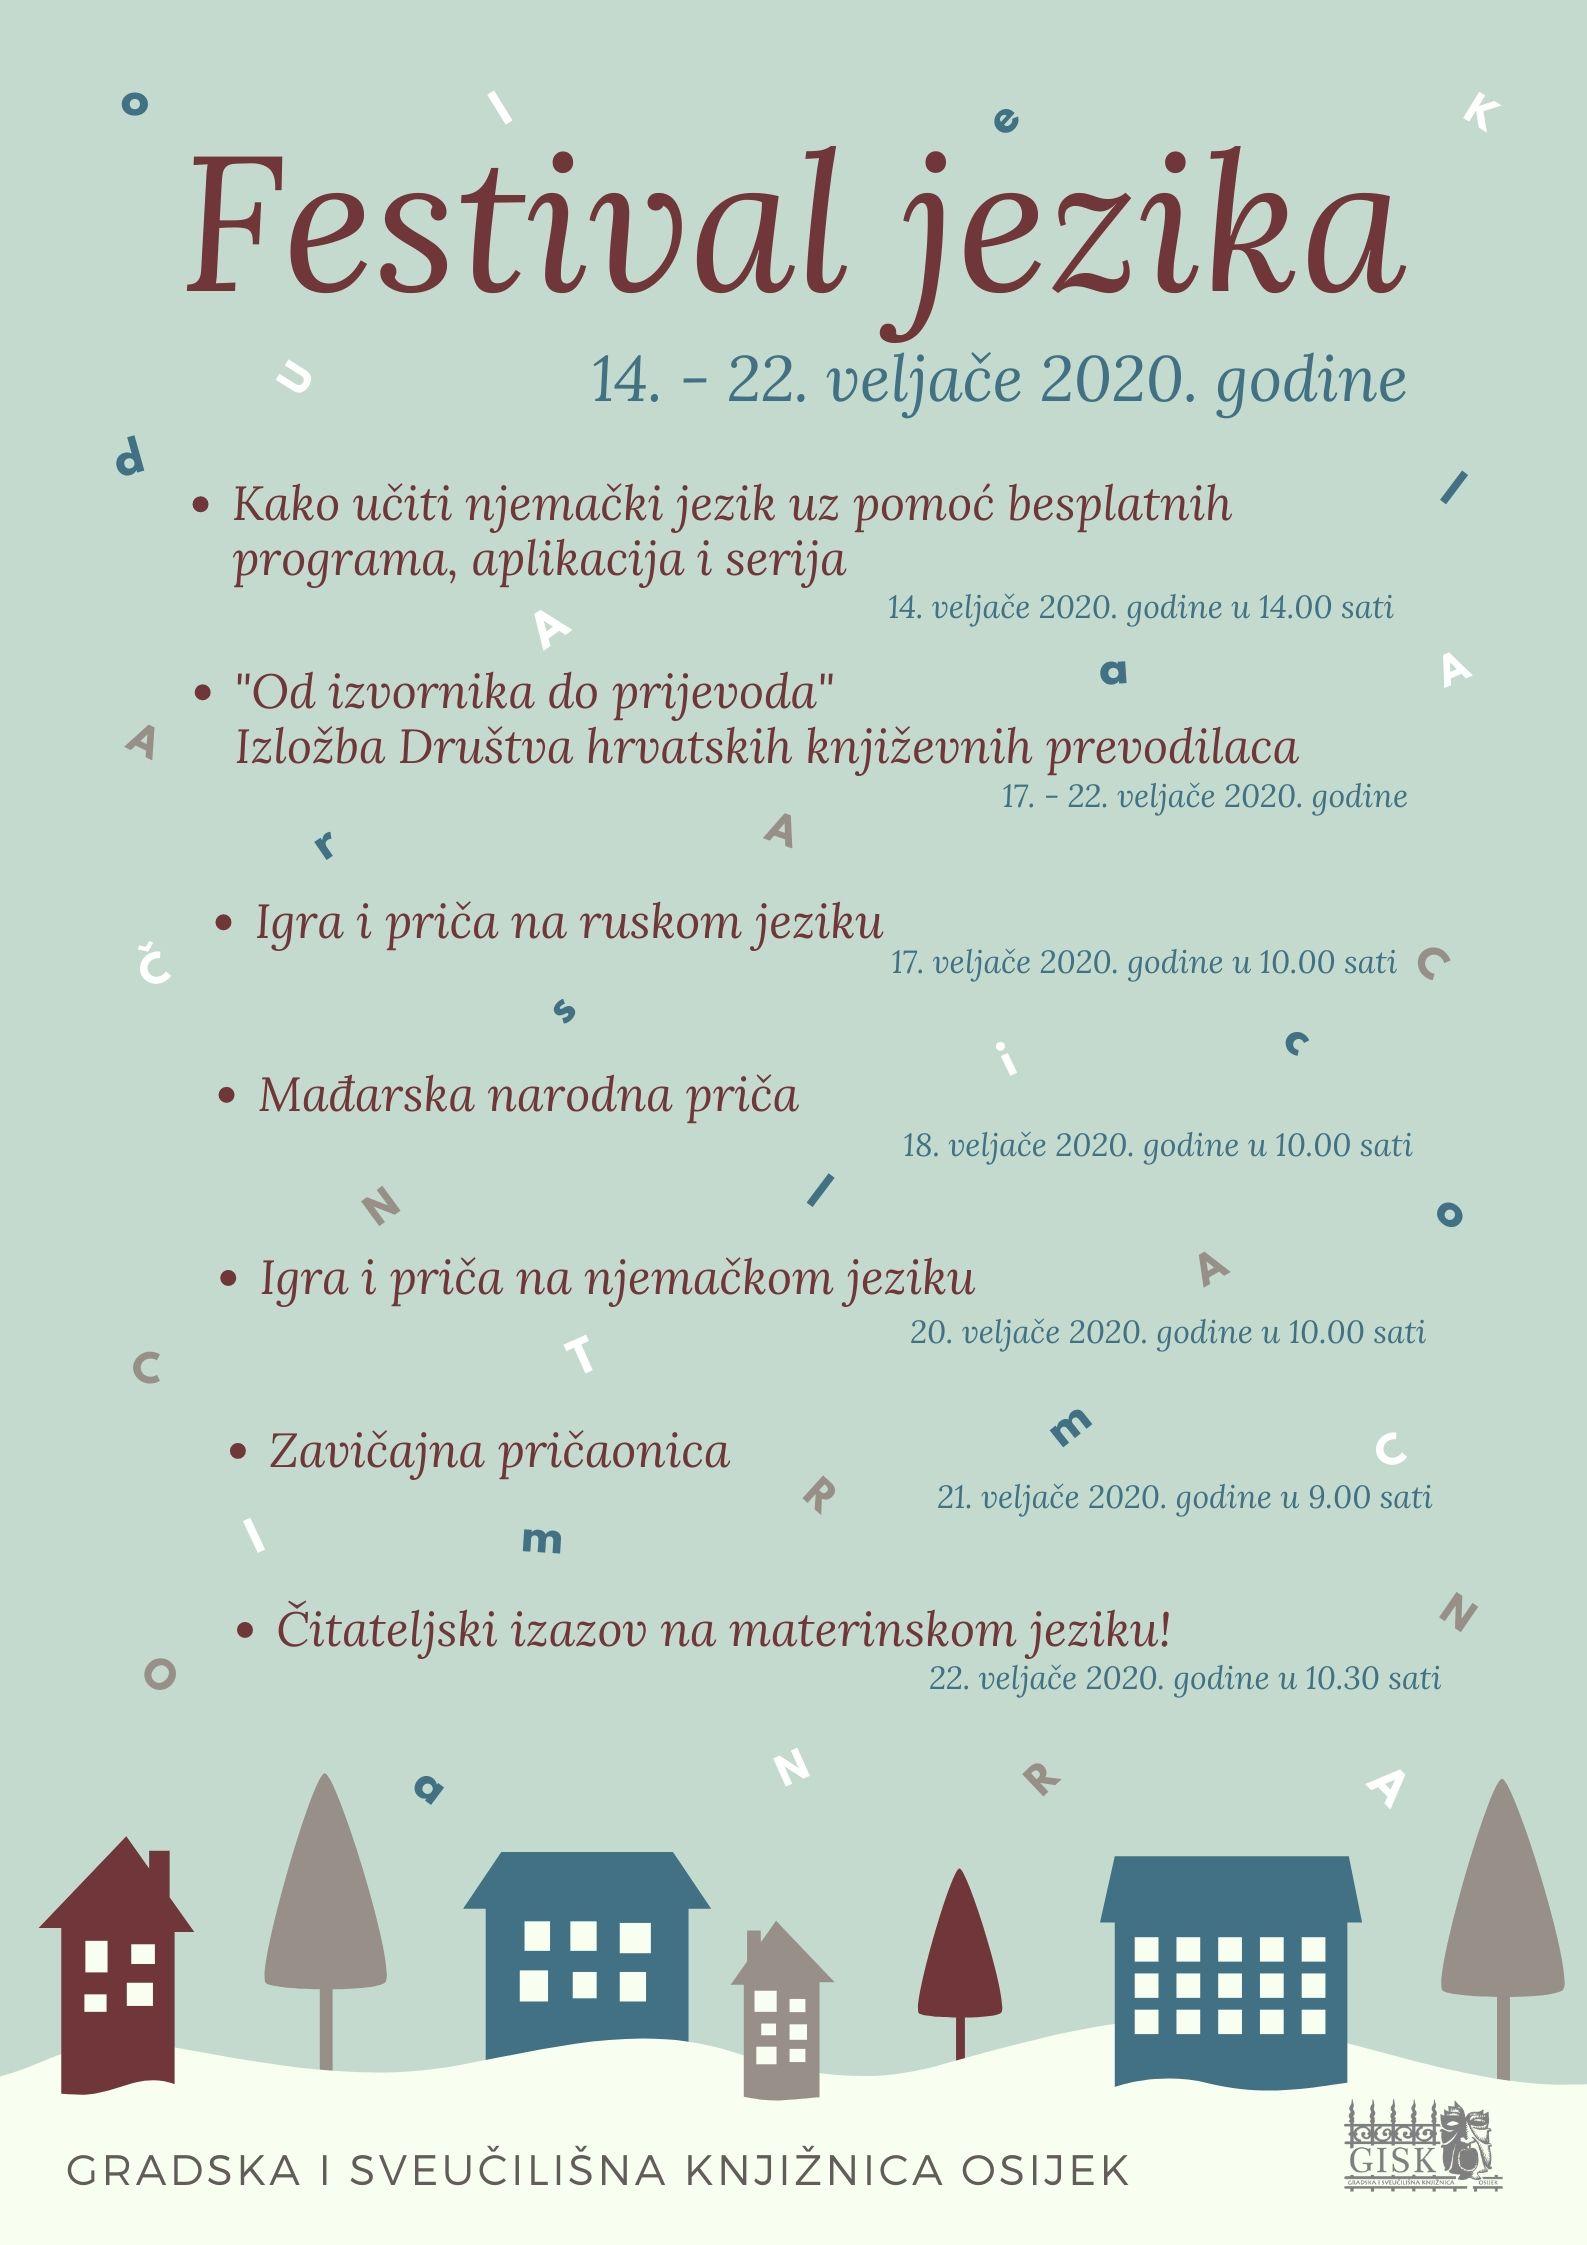 festivaljezika_osijeknews_13.2.2020.